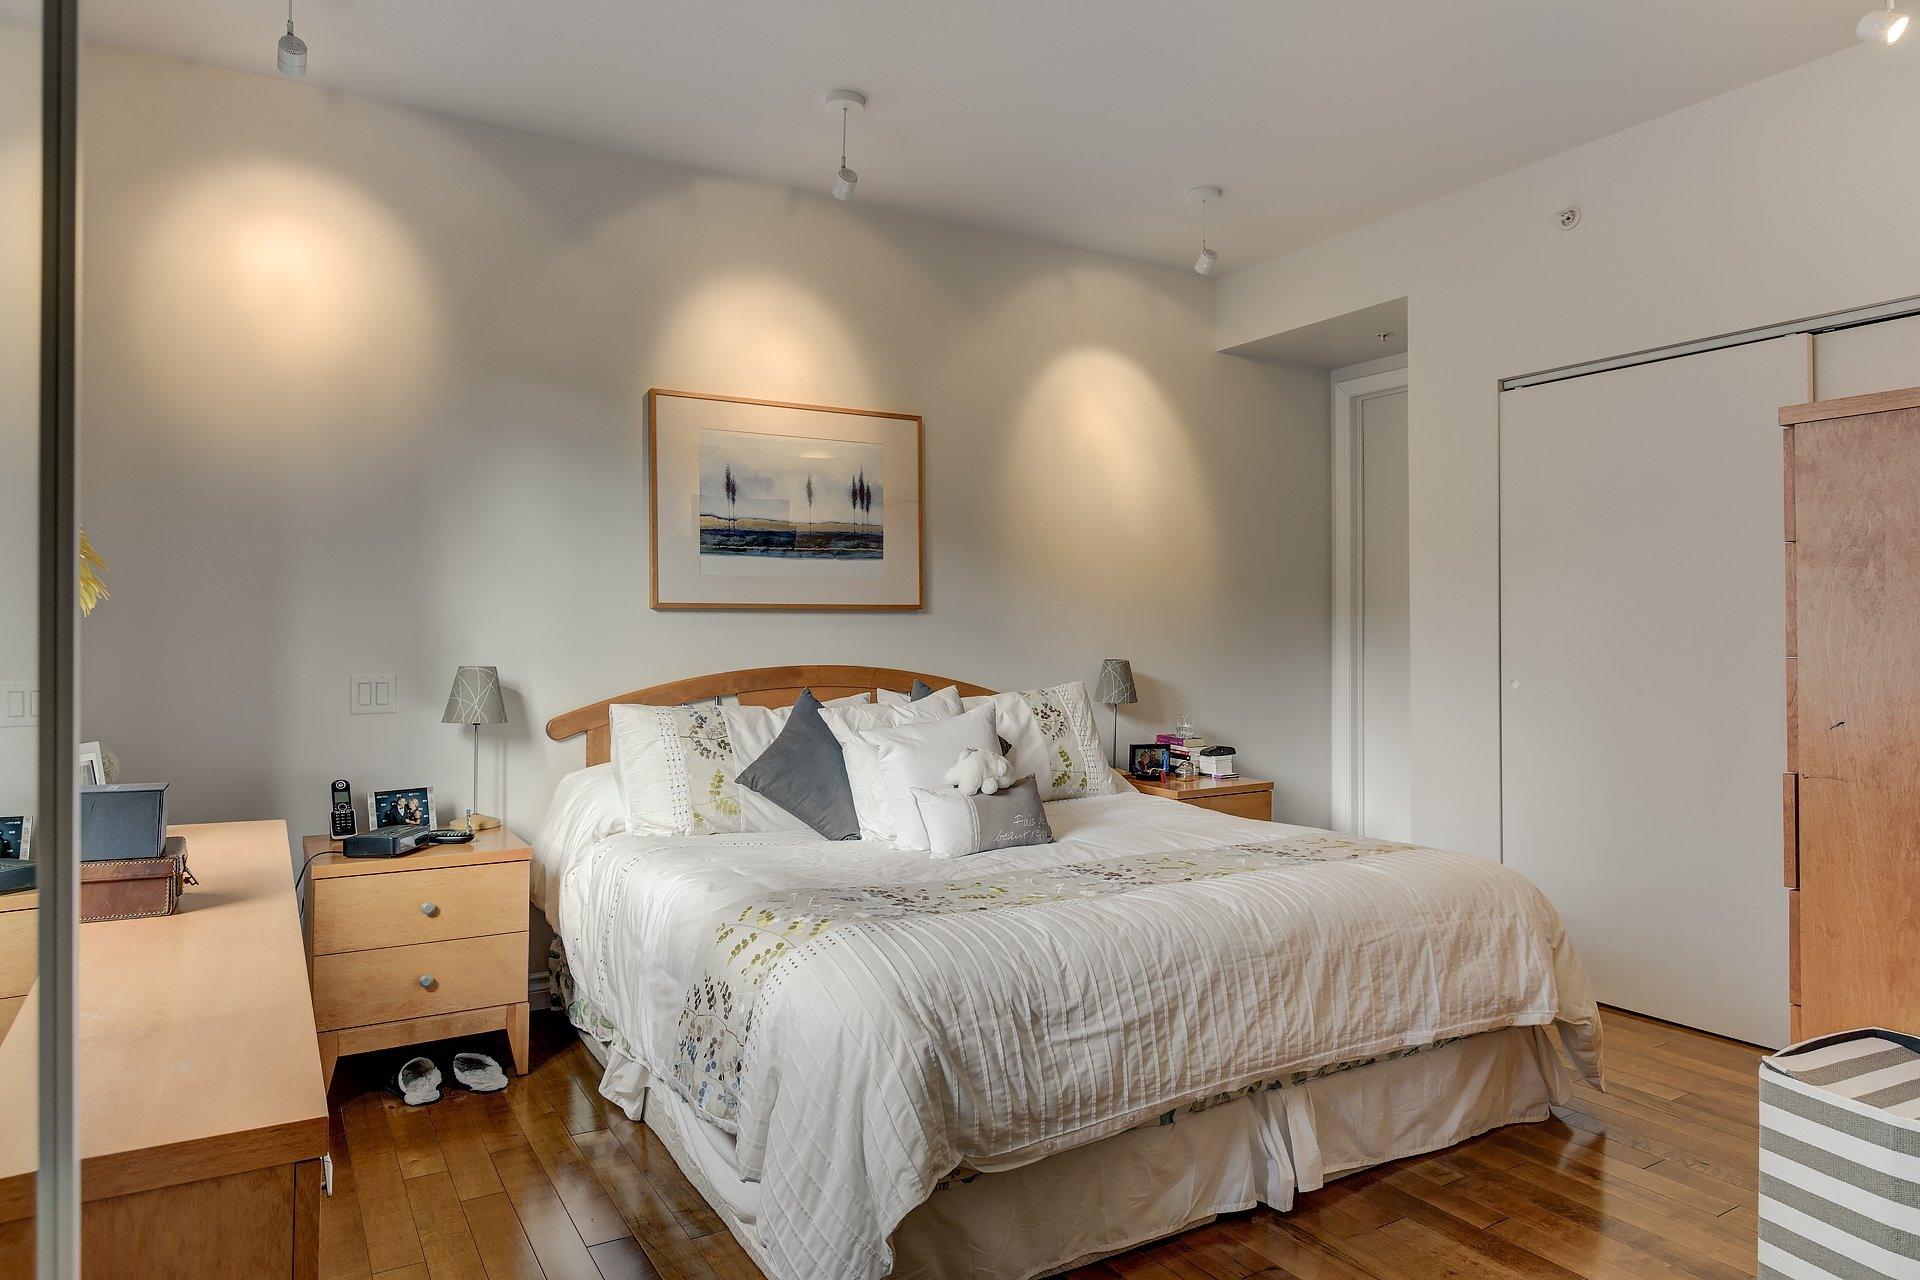 image 15 - Appartement À louer Côte-des-Neiges/Notre-Dame-de-Grâce Montréal  - 5 pièces